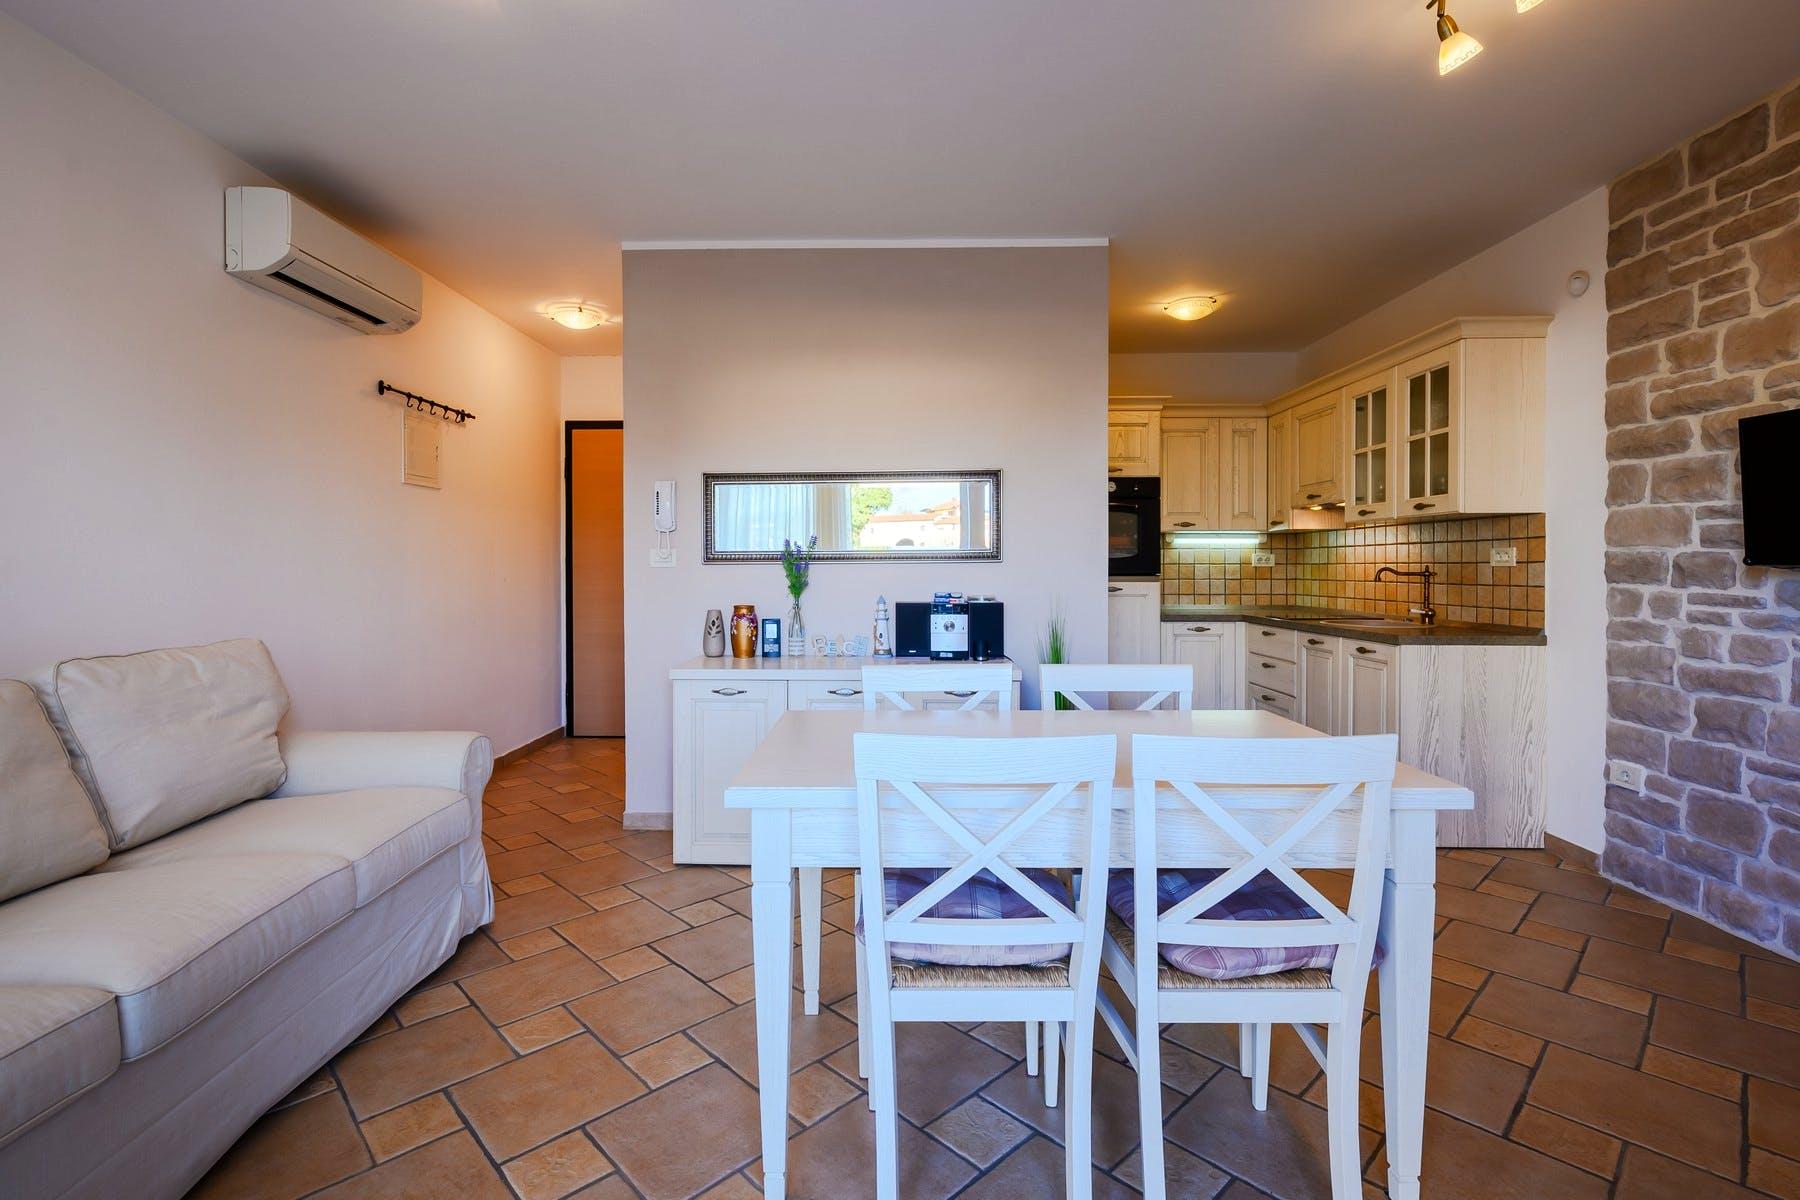 Studio apartman koji se koristi za druženja s prijateljima i obitelji